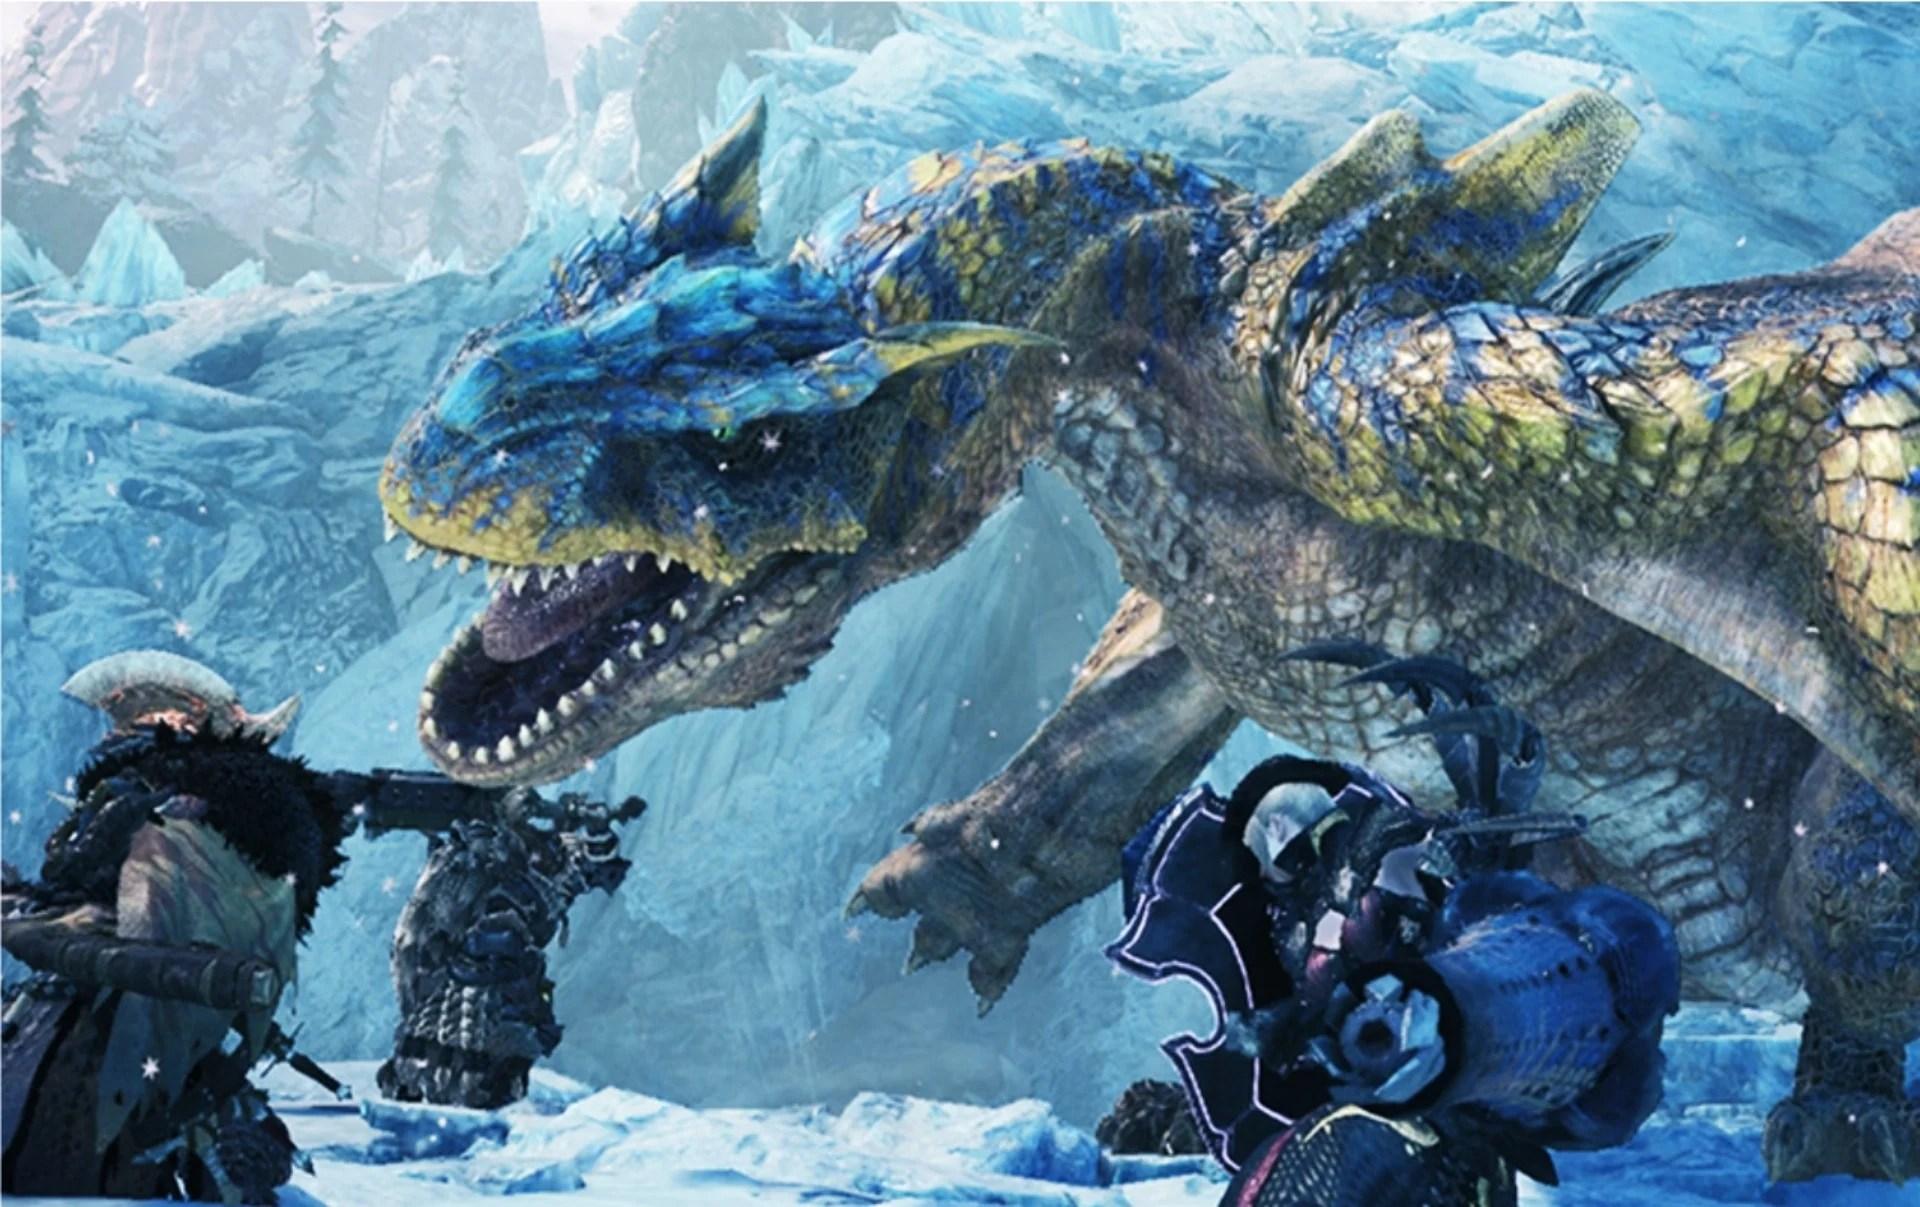 【News】『モンスターハンターワールド:アイスボーン』PS4向けベータテストが6月21日よりスタート